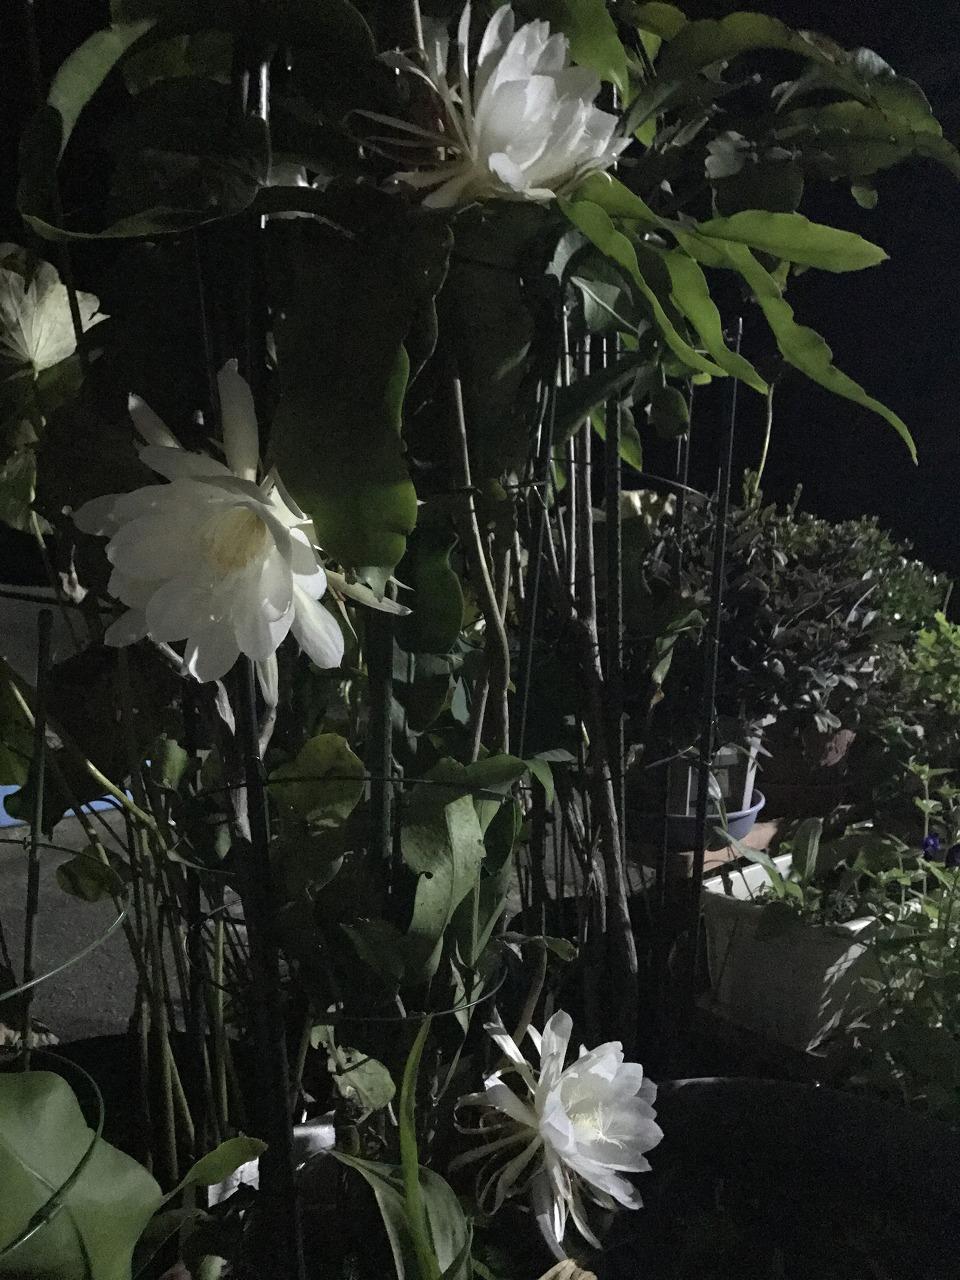 20170820-EpiphyllumOxypetalum-I01.jpg